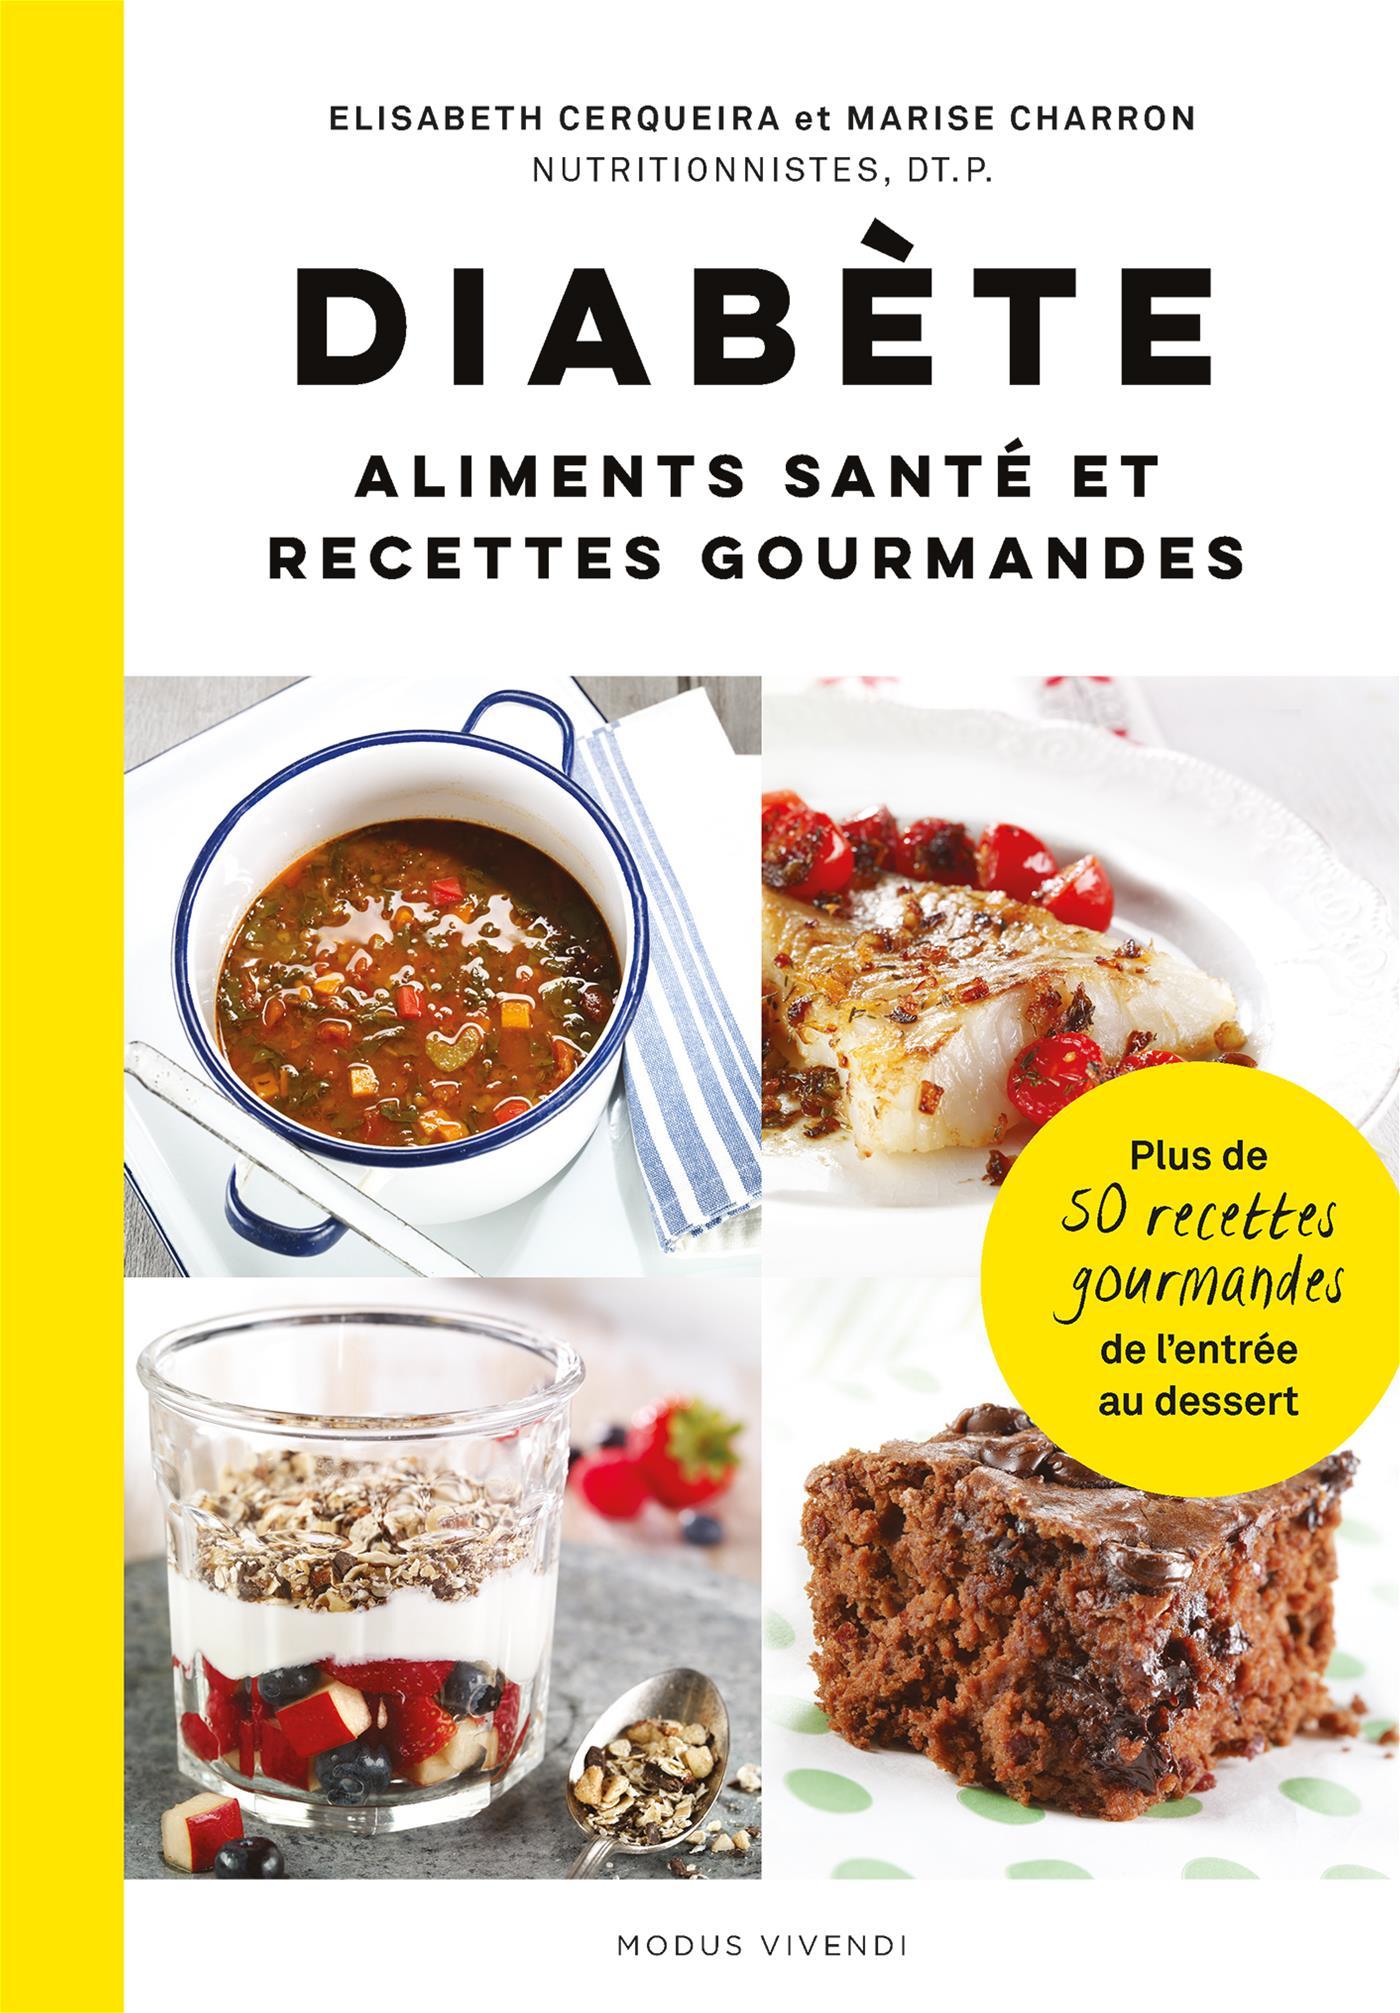 Cover image (Diabète: aliments santé et recettes gourmandes)